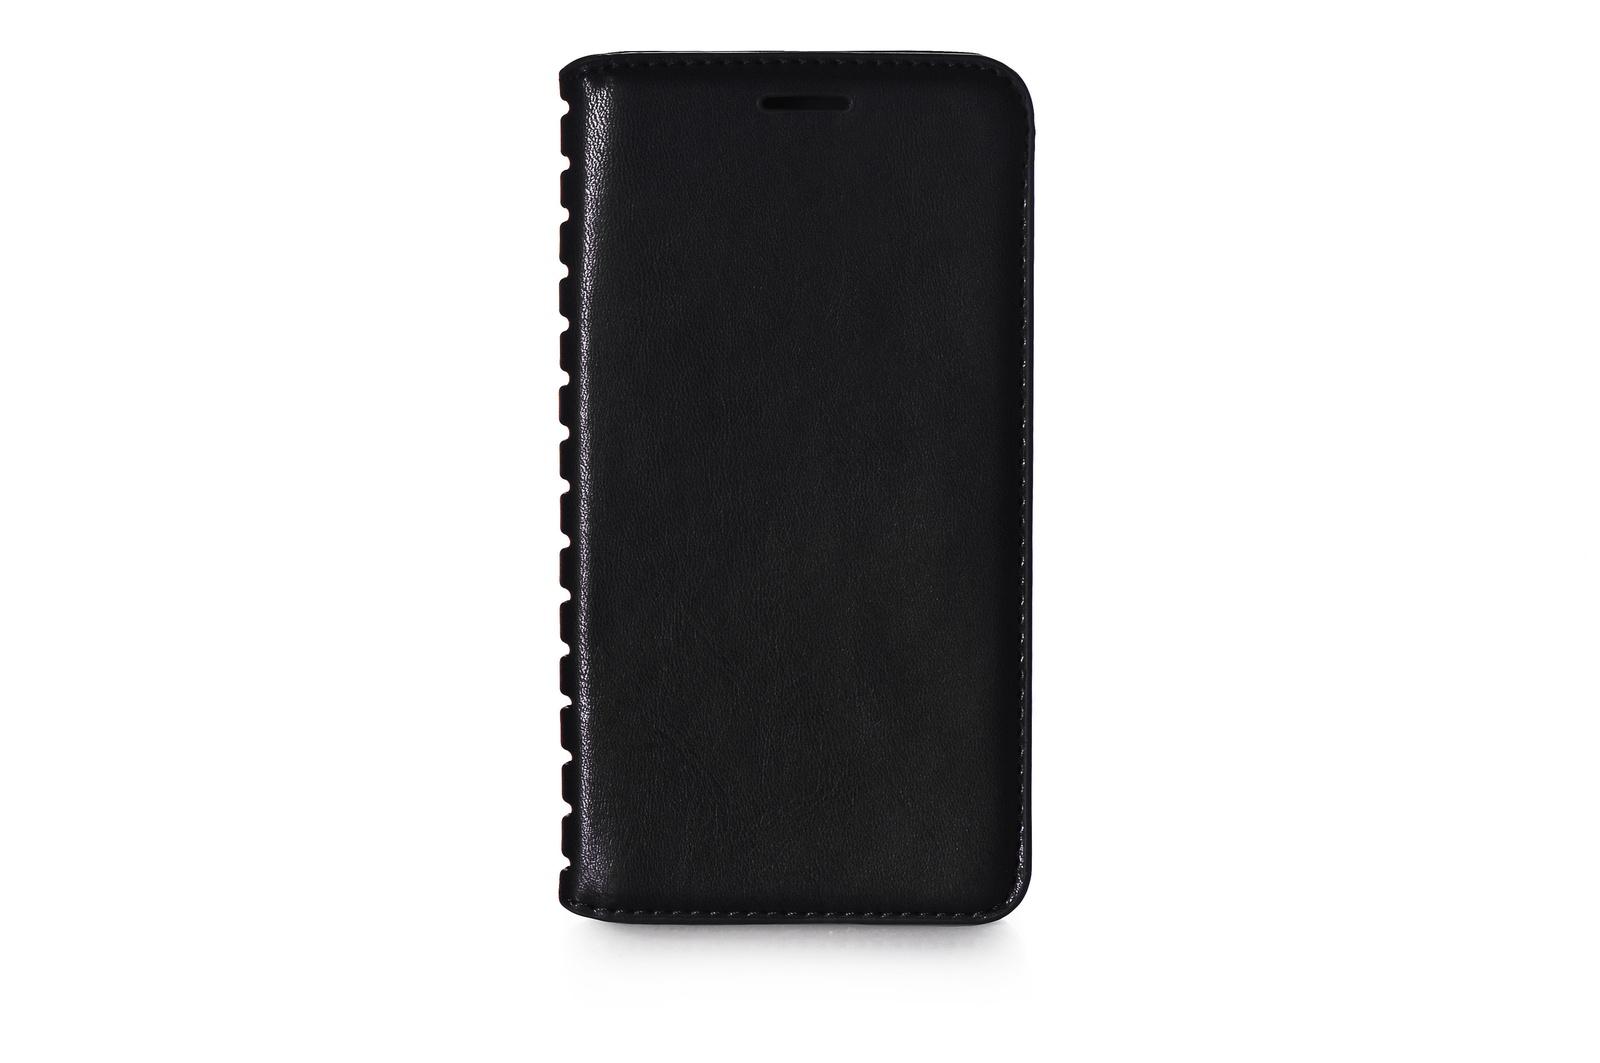 Чехол для сотового телефона Gurdini Чехол книжка с силиконом на магните Premium для Xiaomi Redmi S2, 906424, черный